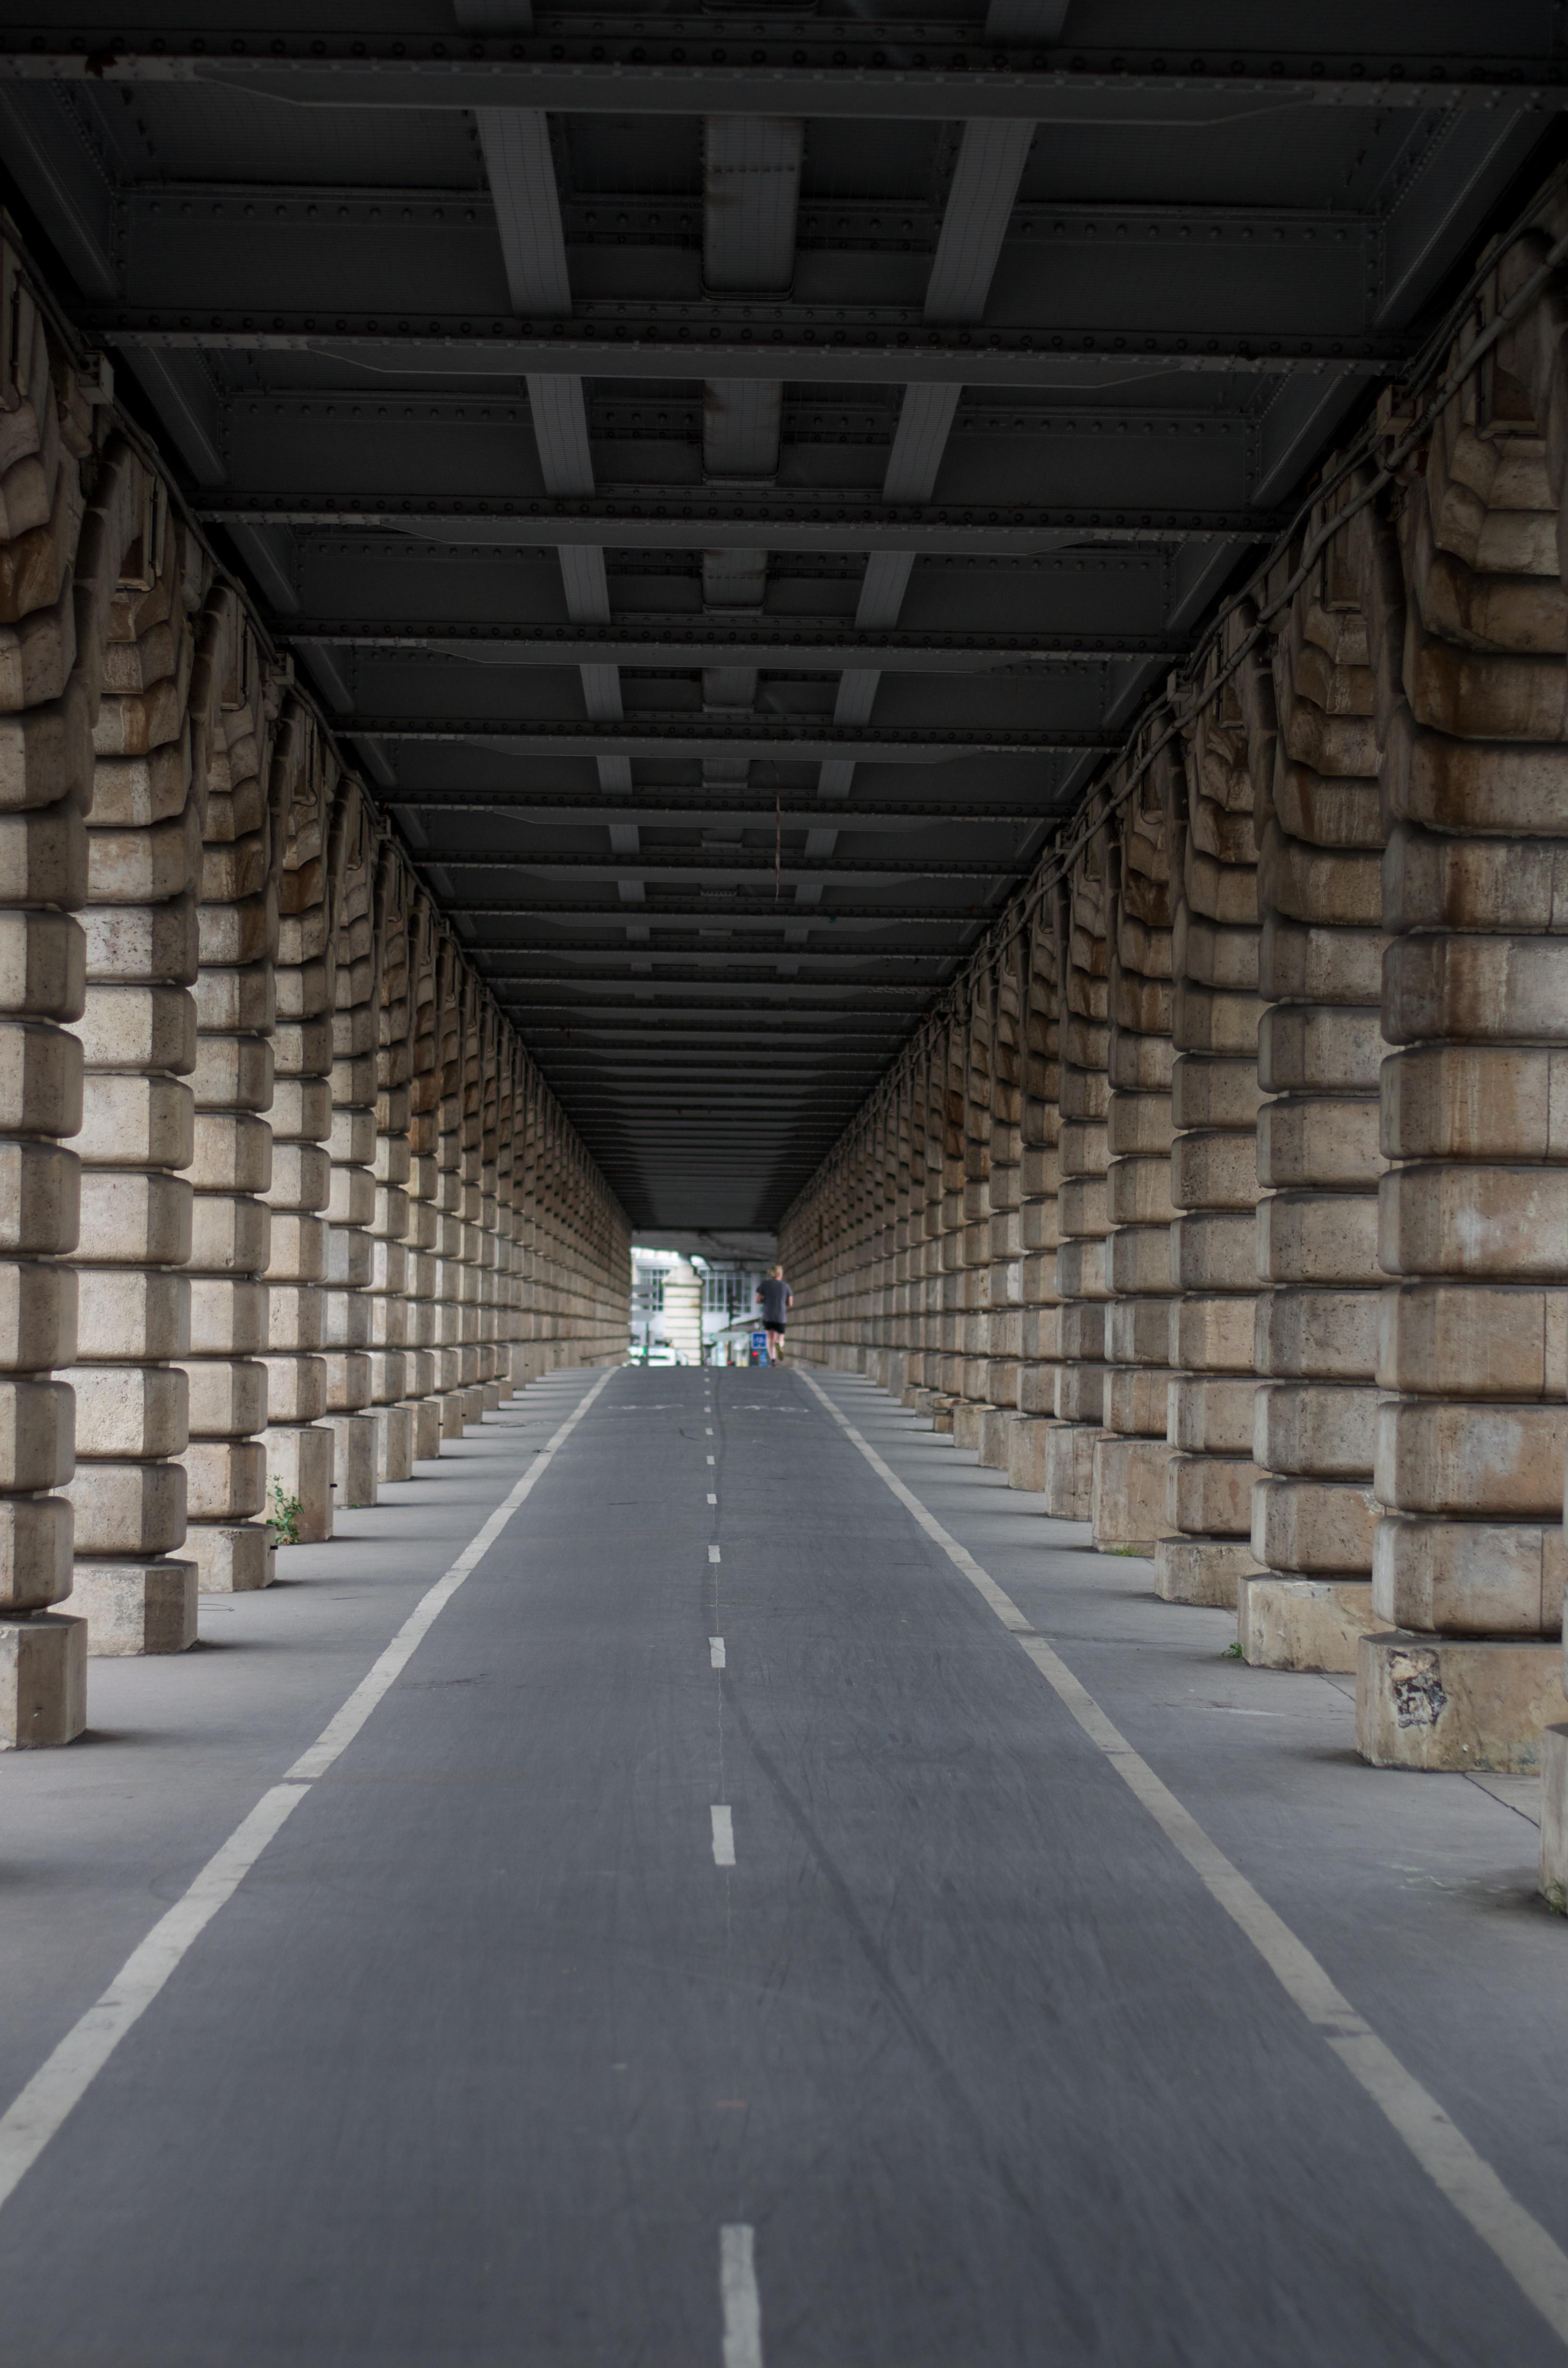 pont-de-bercy_14053487793_o